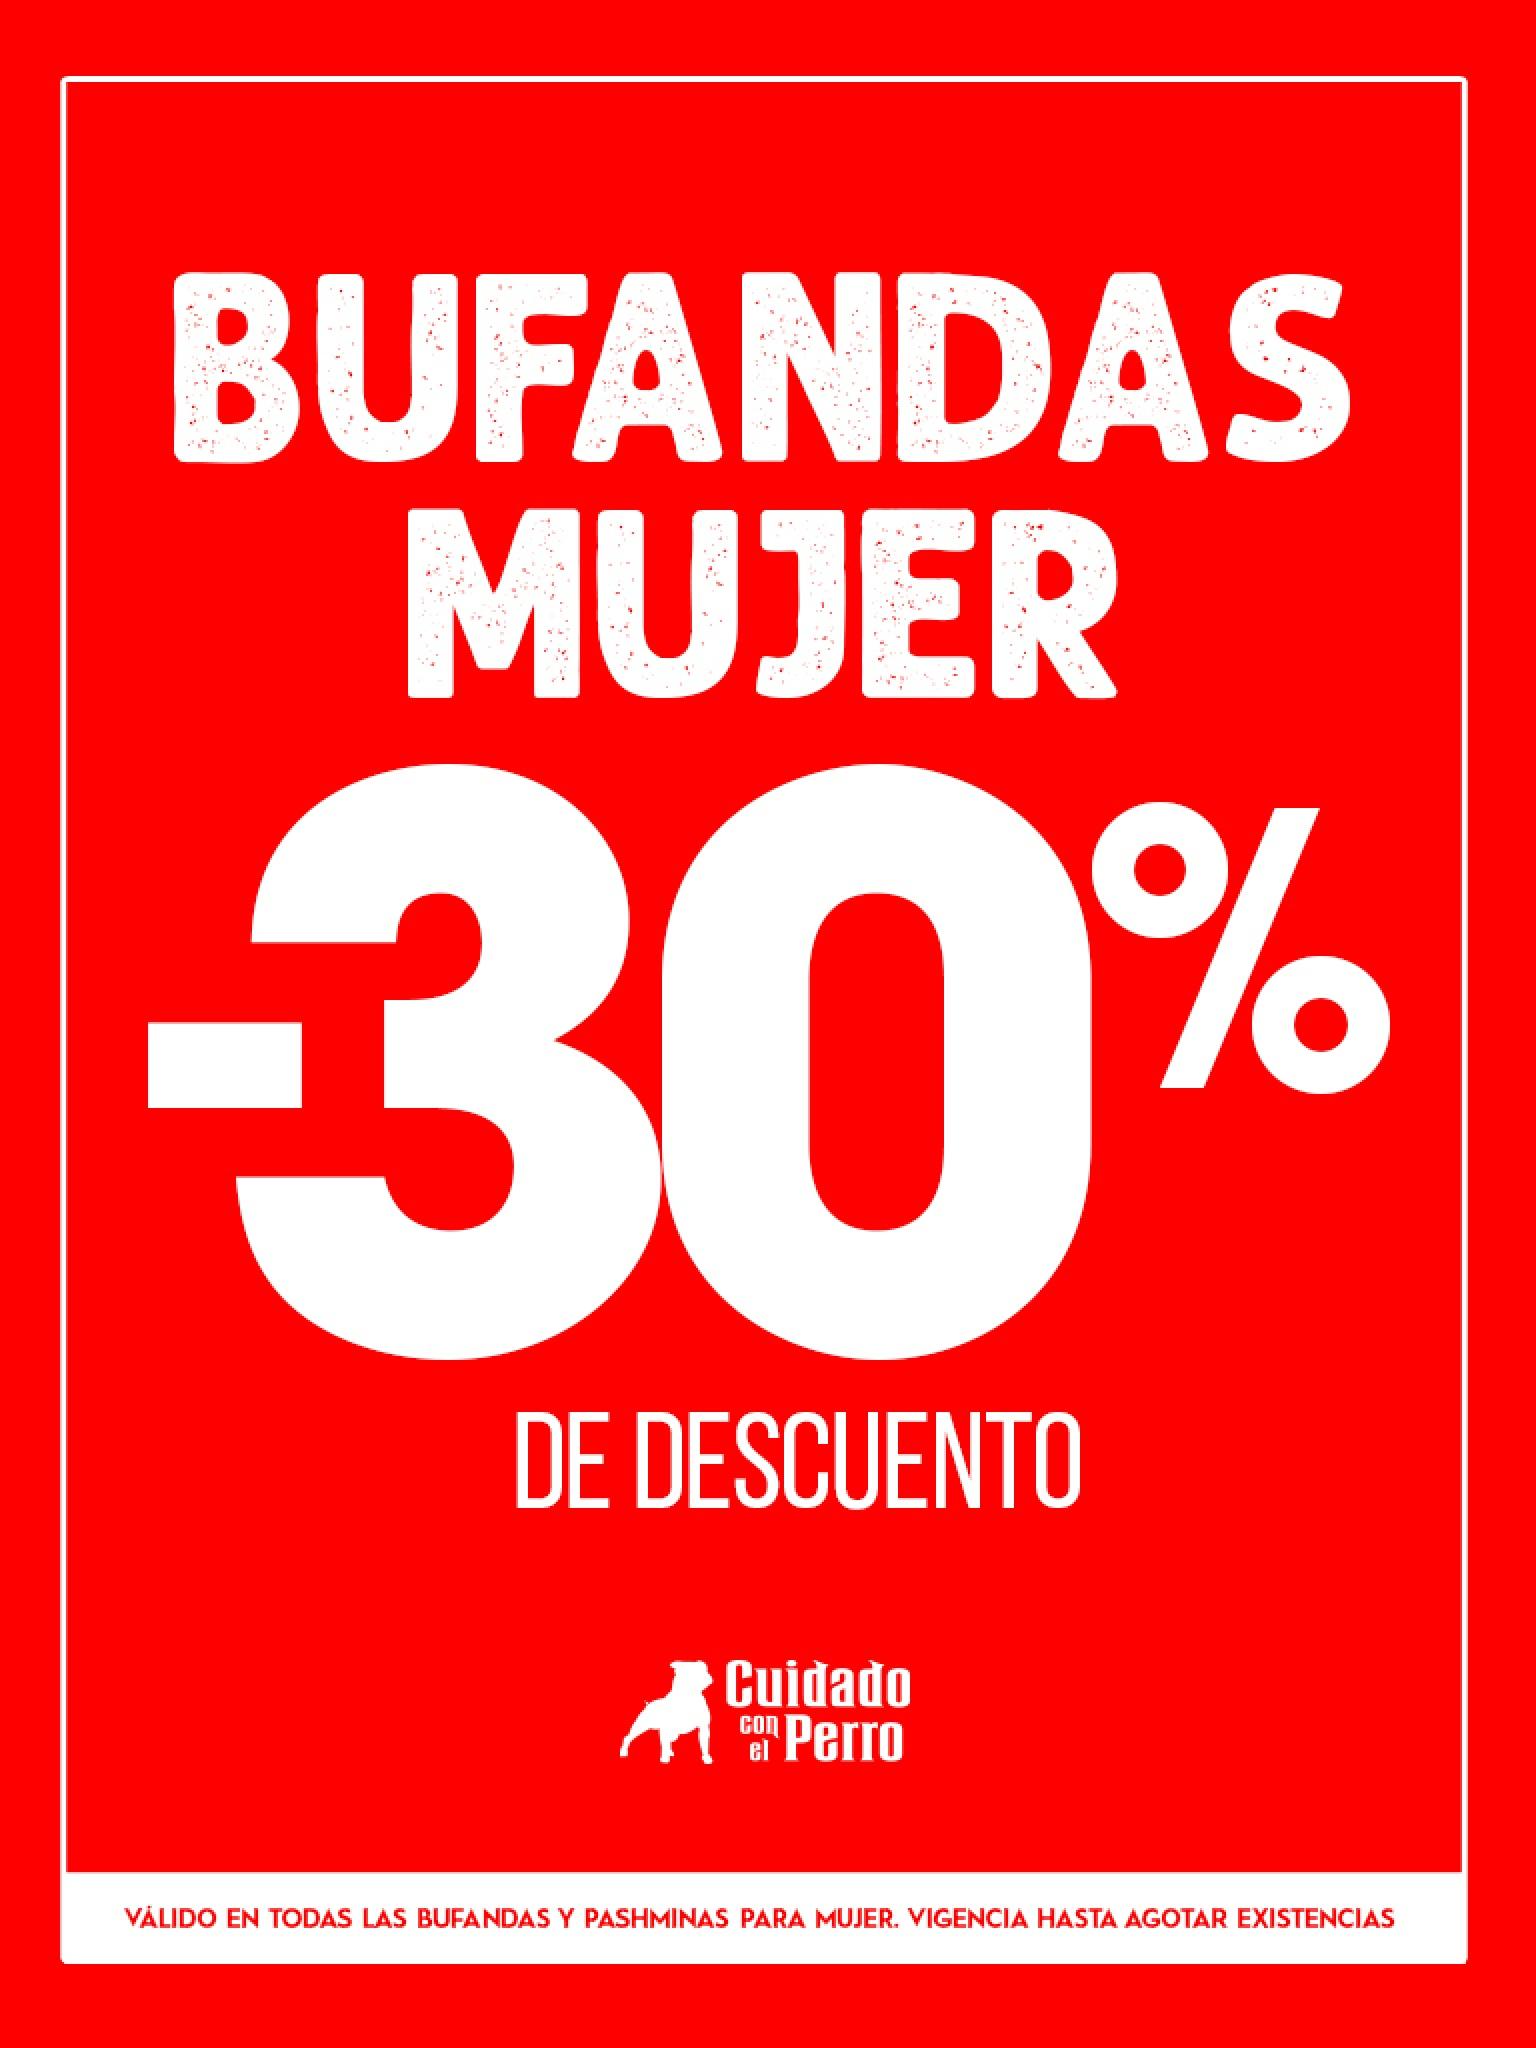 cuidado con el perro online: BUFANDAS Y PASHMINAS -30%